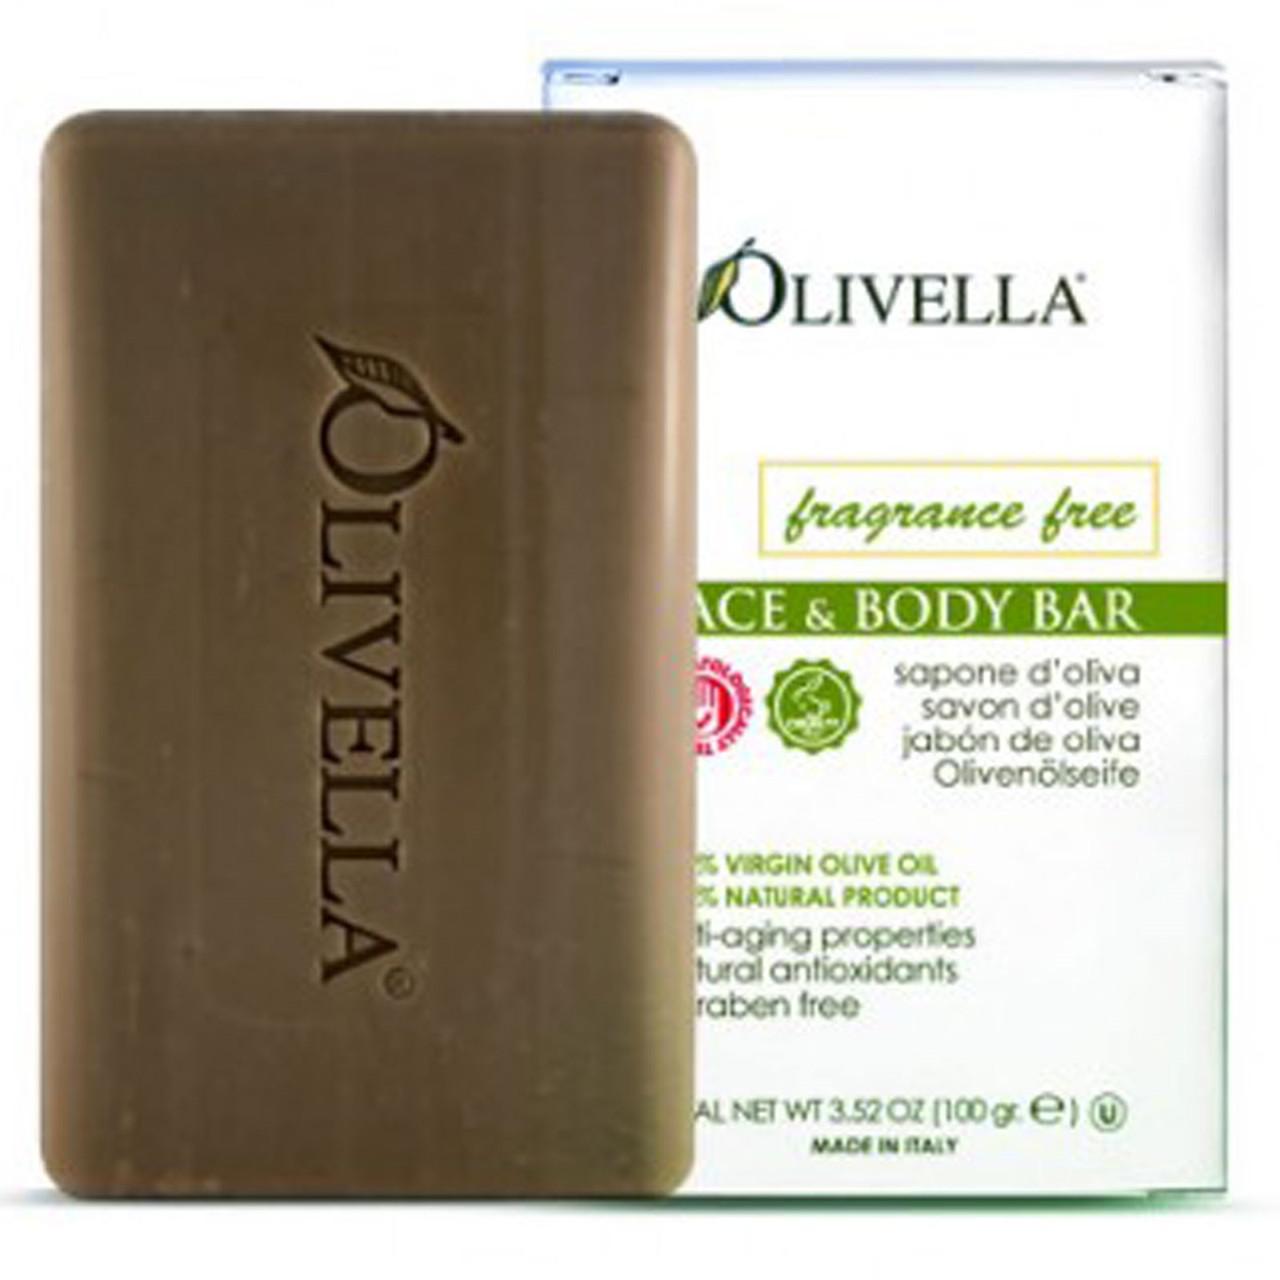 Olivella, Неароматизированное оливковое мыло 100 г. Сделано в Италии.